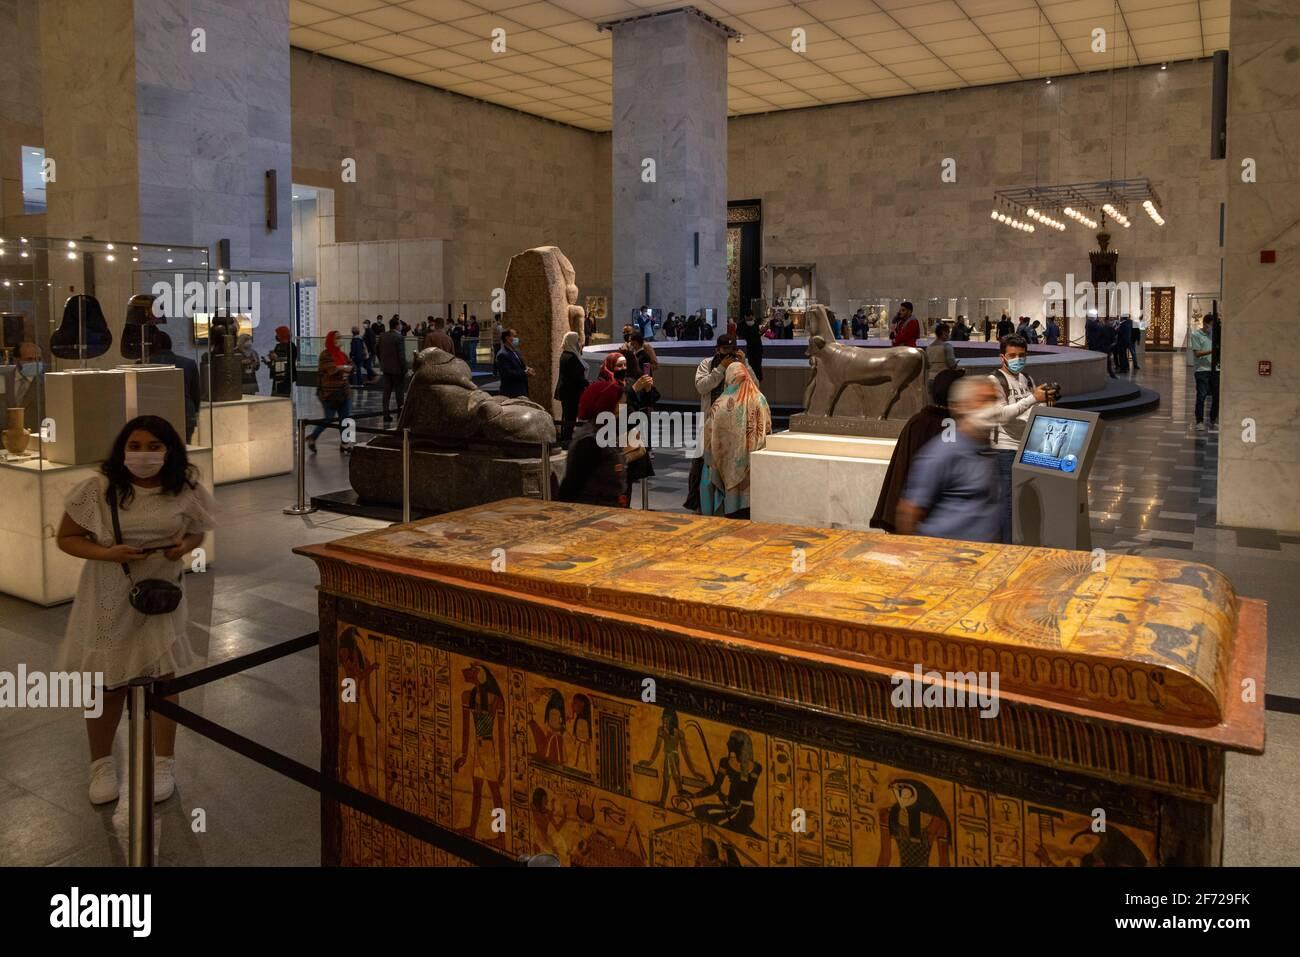 Cairo, Egitto. 4 Apr 2021. I visitatori del Museo Nazionale della Civilizzazione Egiziana, il Cairo, Egitto, il primo giorno della sua apertura al pubblico di credito: B.o'Kane / Alamy Live News Foto Stock